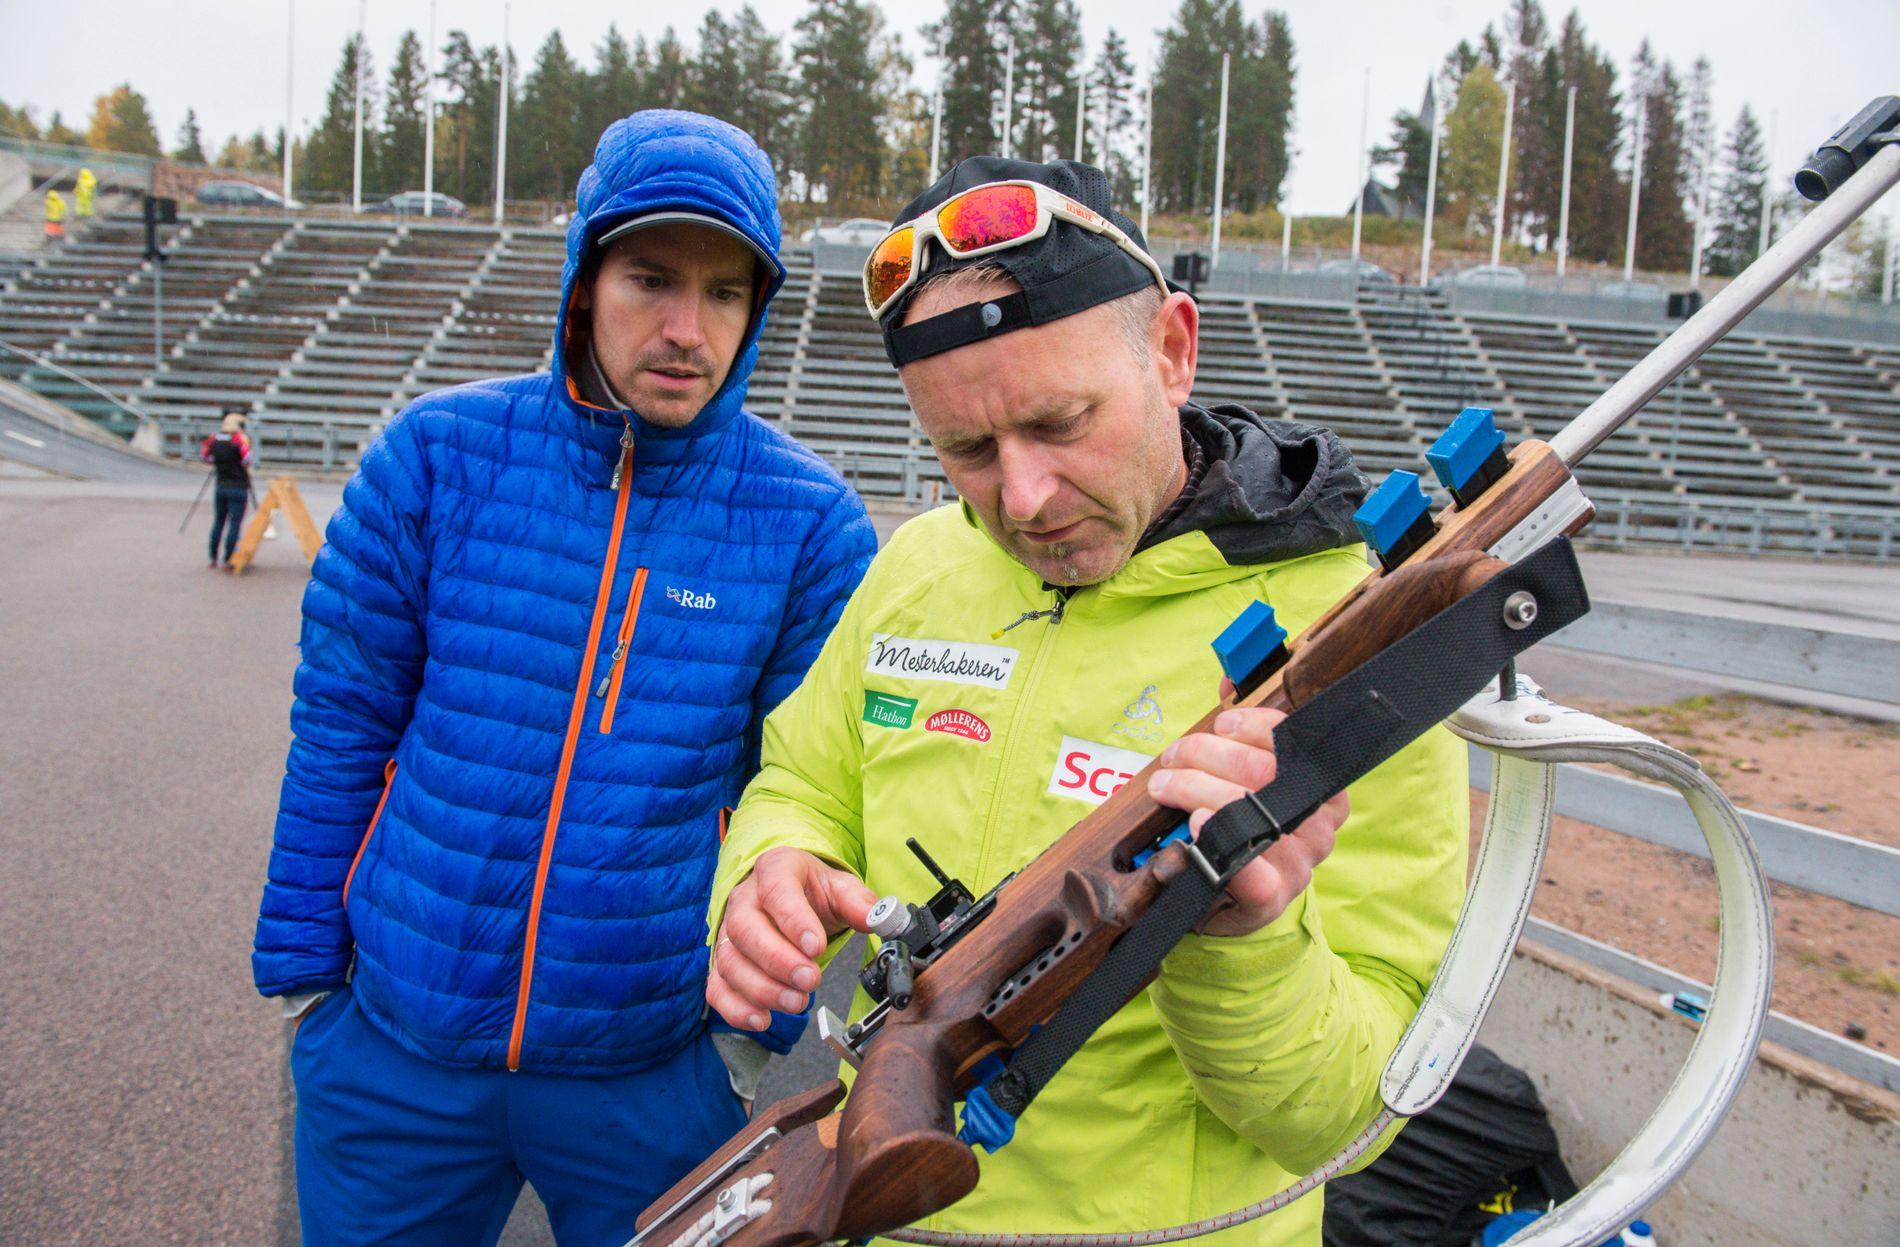 VÅPENSJEKK: Emil Hegle Svendsen (t.v.) og trener for privatlaget Mesterbakeren, Knut Tore Berland, sjekker våpenet til en av skiskytterne under en treningssamling i Holmenkollen.